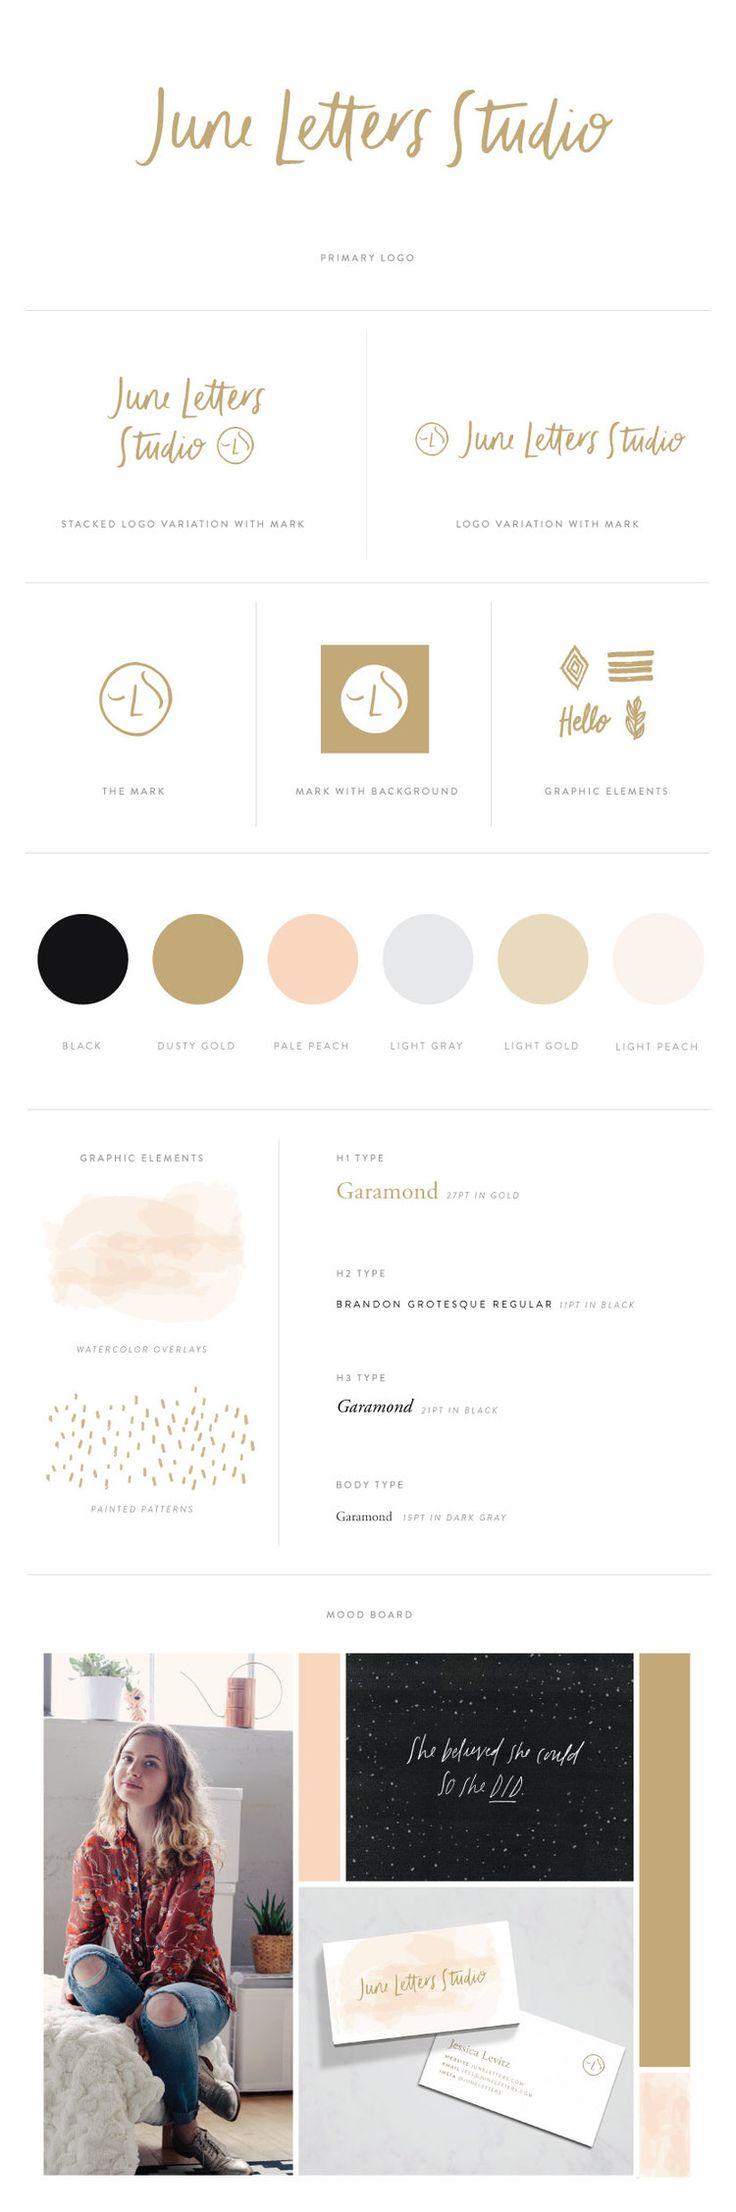 New Branding & Website Makeover! — June Letters Studio